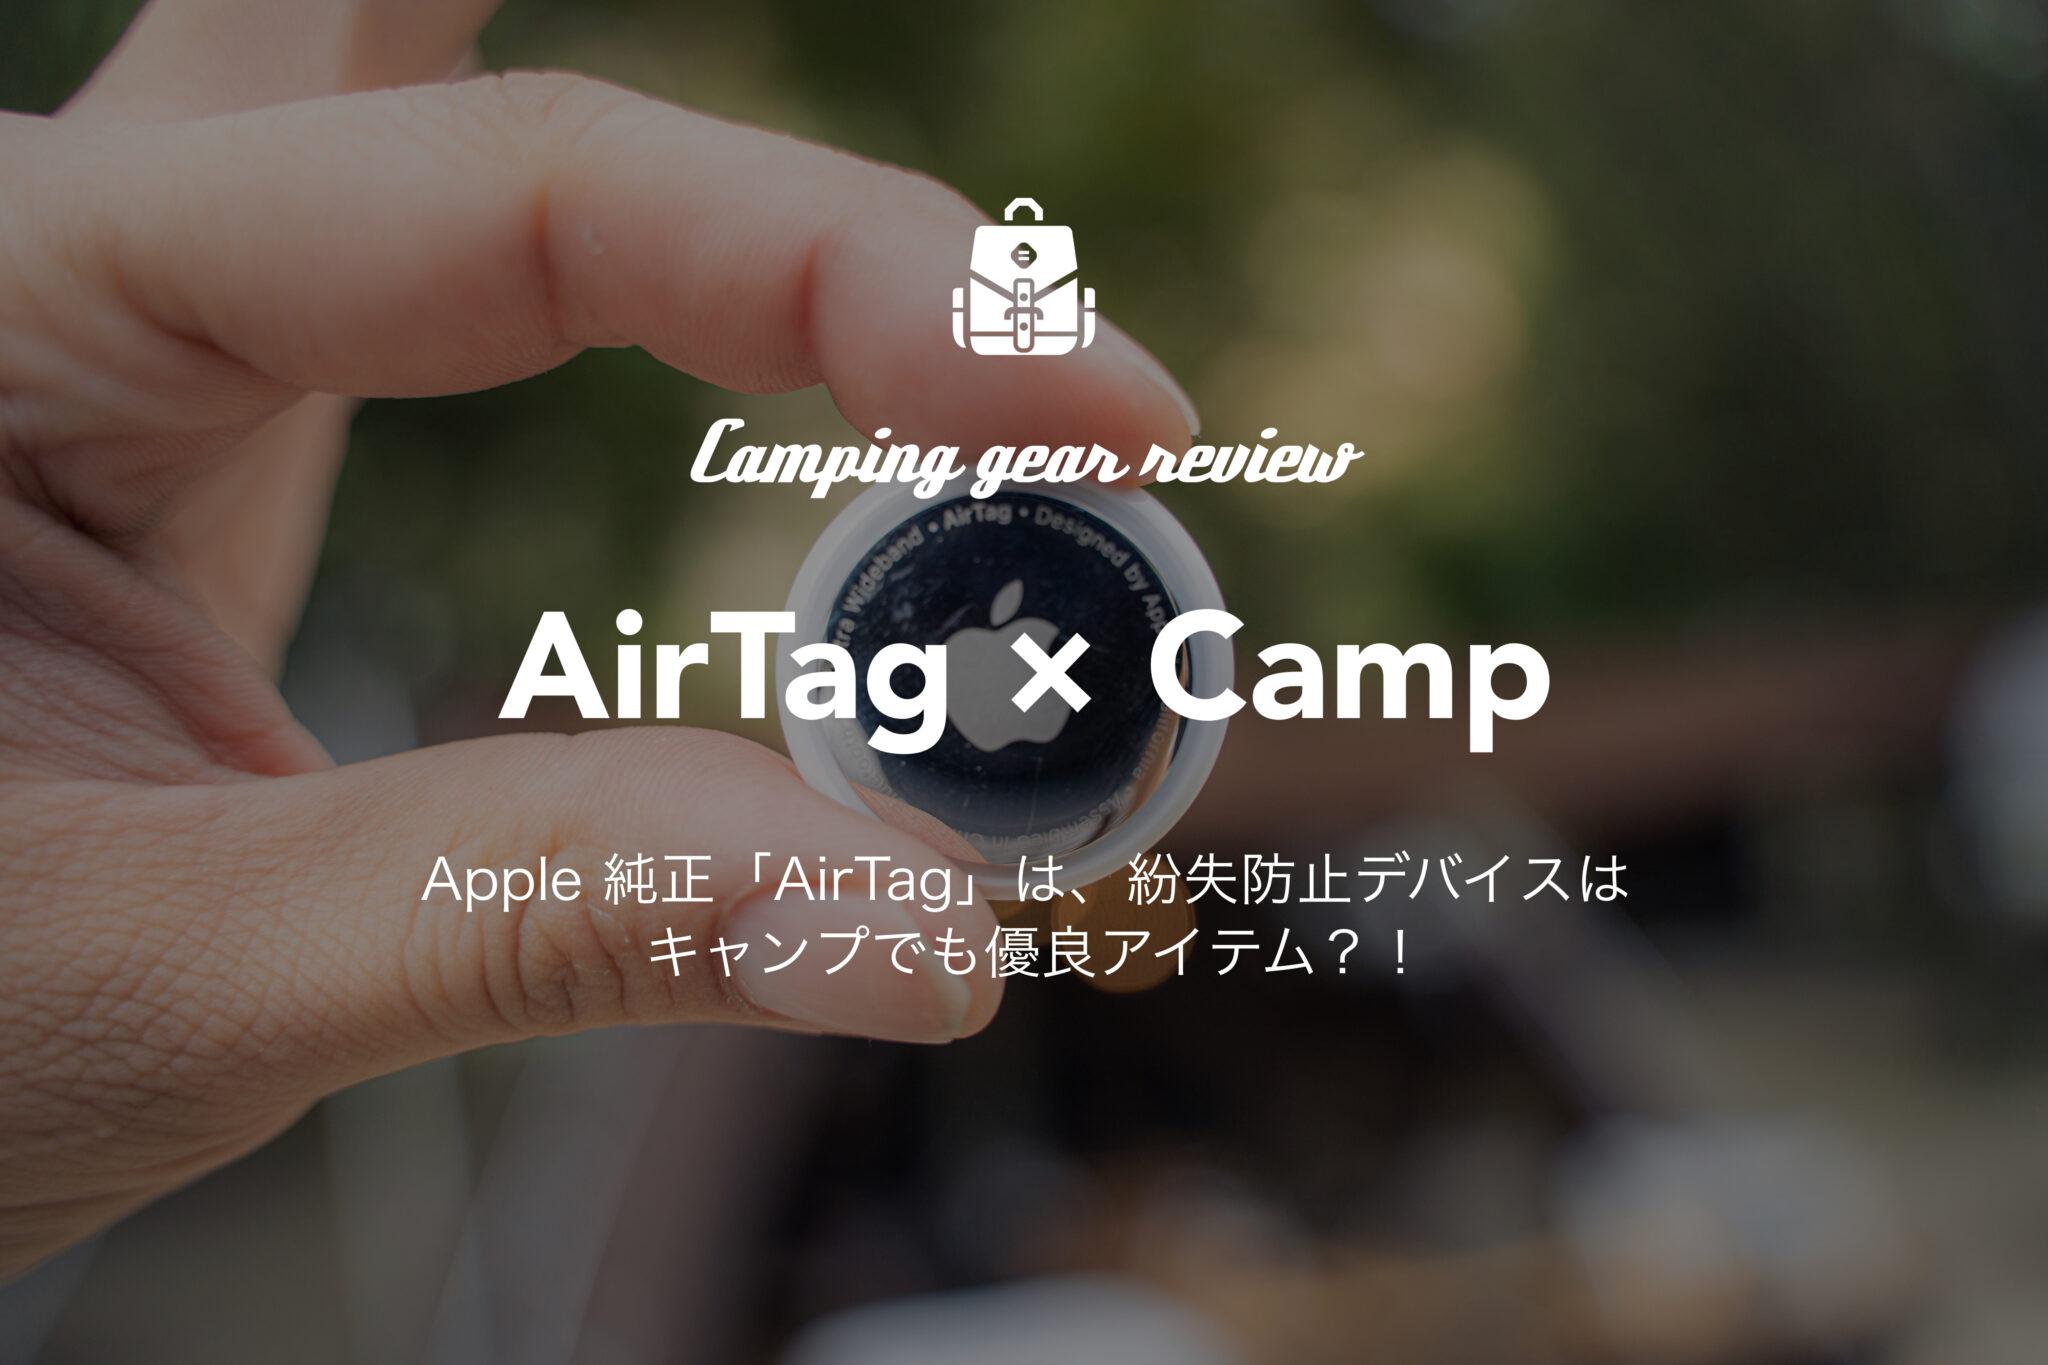 よく物を失くす人必見!?apple純正「Air tag」は、キャンプでも超優良デバイスだった!?